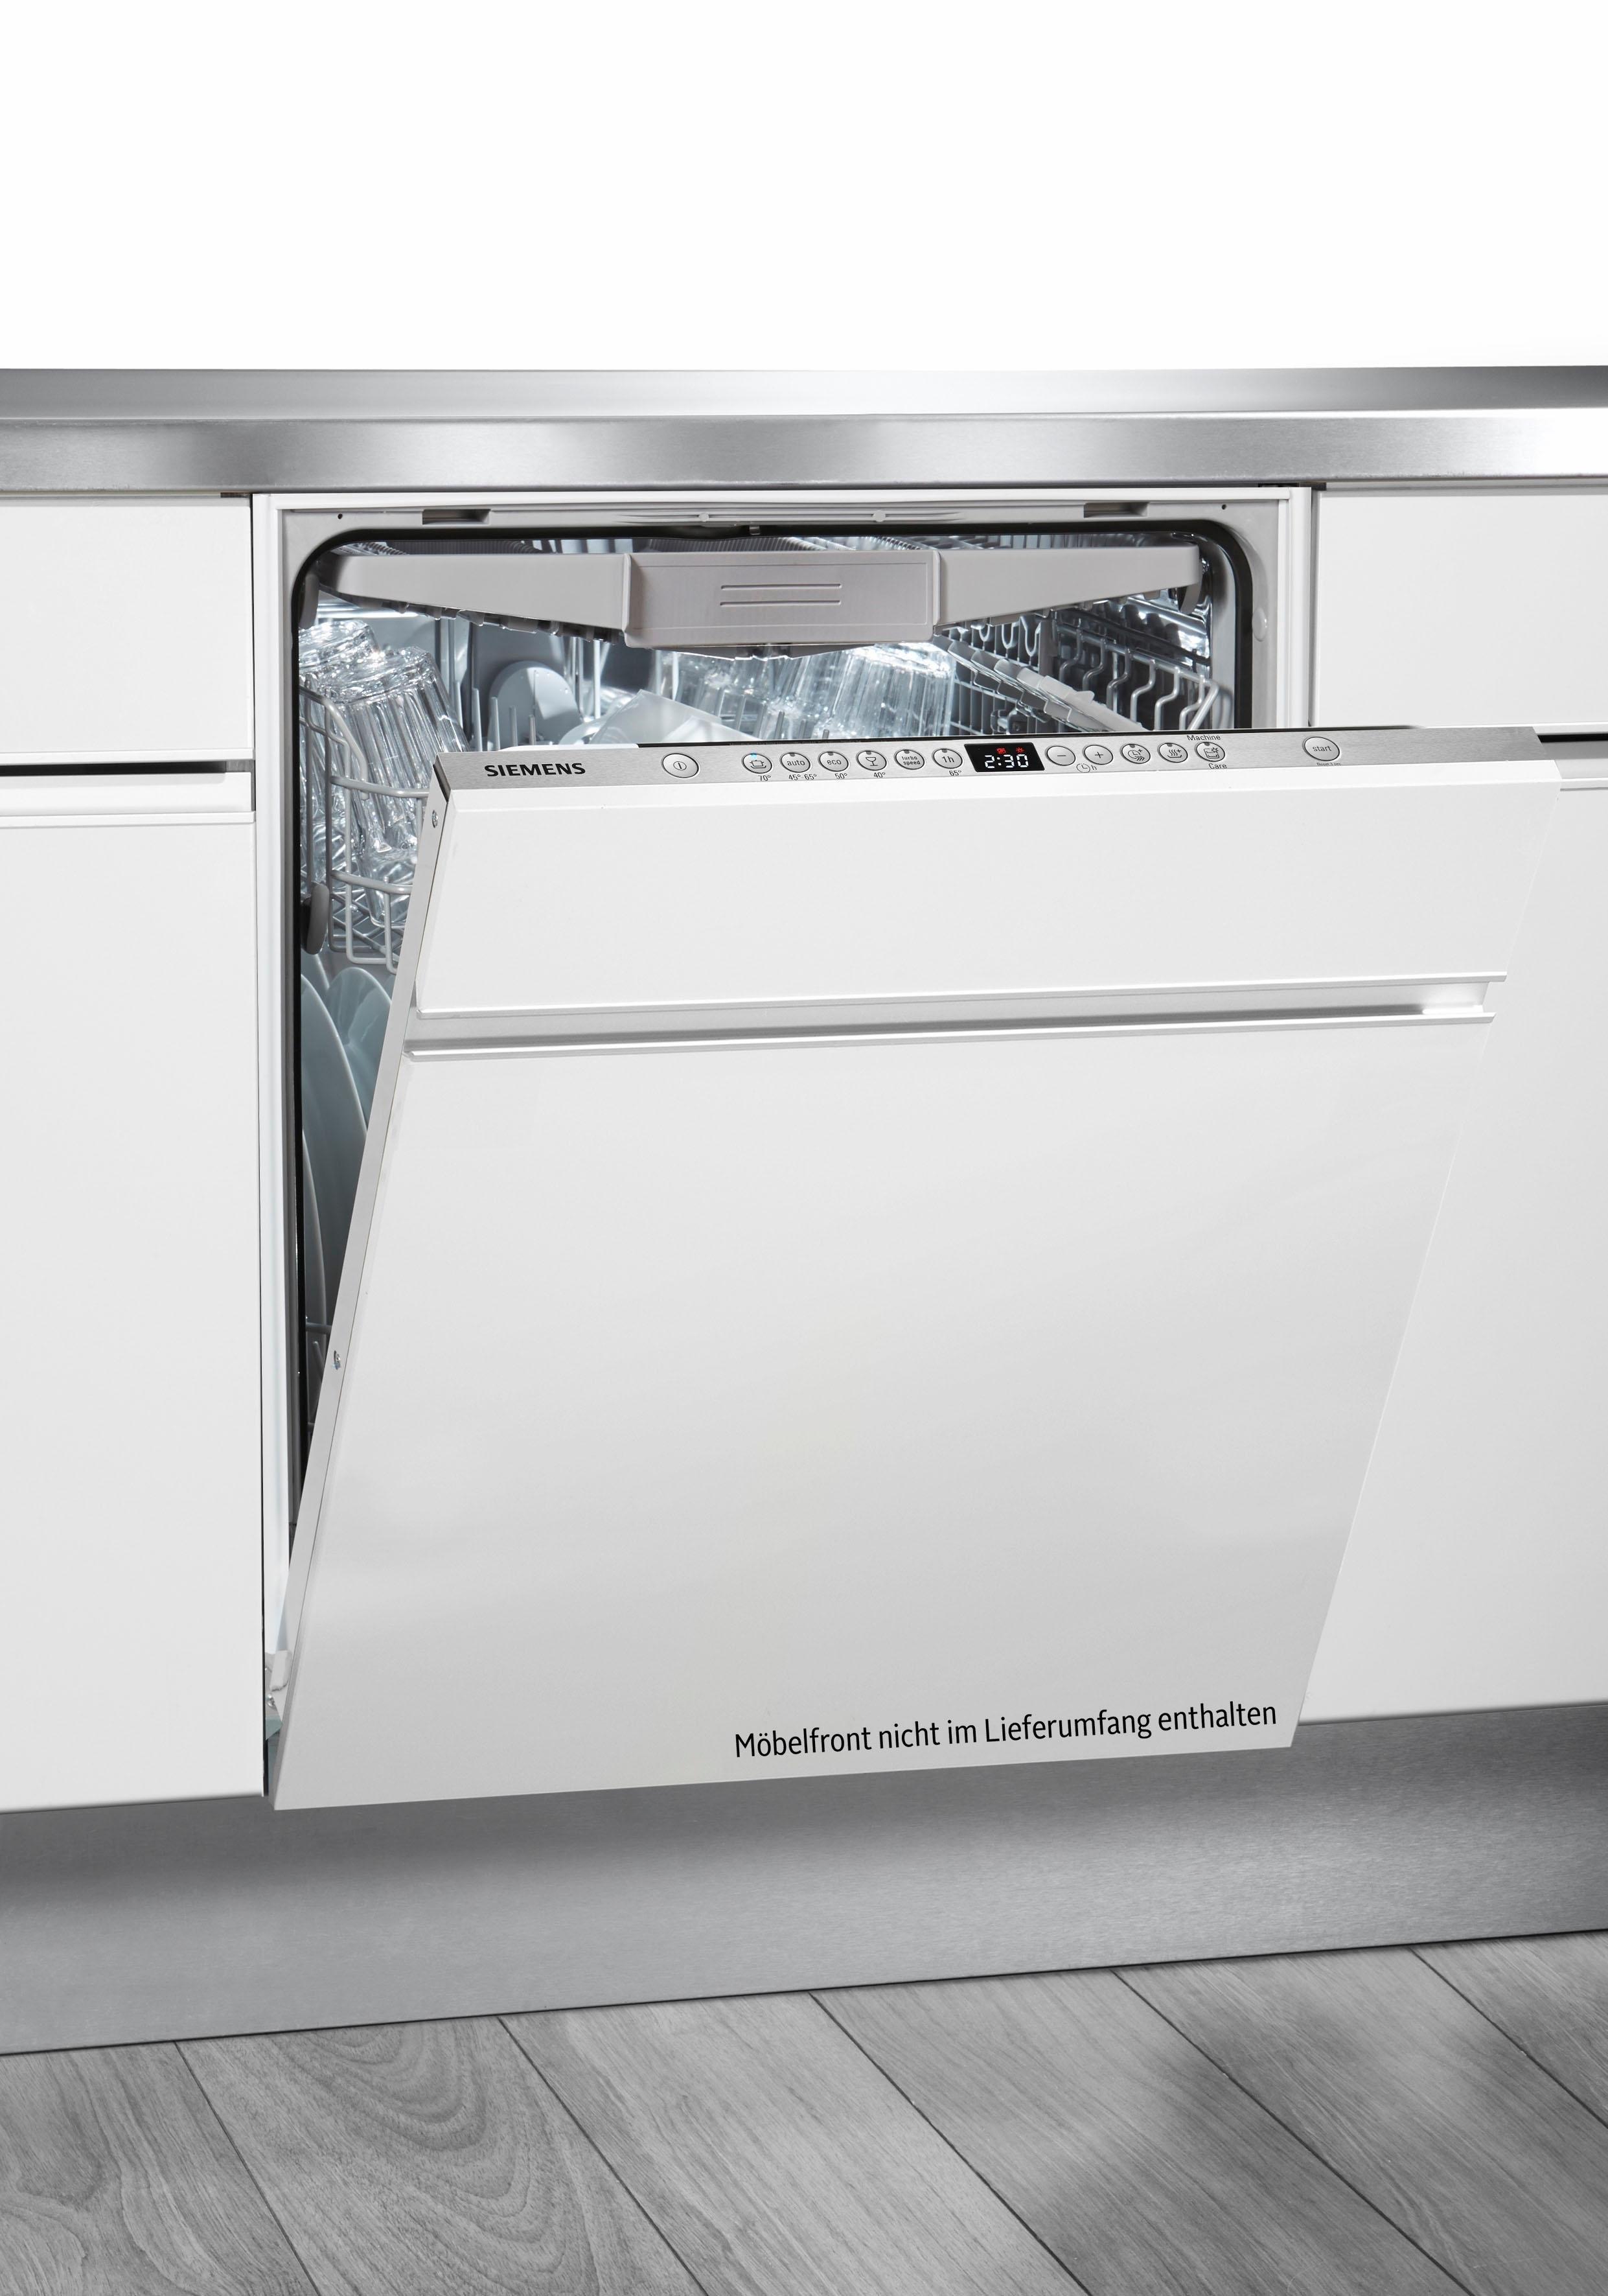 Siemens volledig integreerbare inbouwvaatwasser '111 jaar SIEMENS' iQ300 SN636X00EE, A++, 9,5 liter veilig op otto.nl kopen